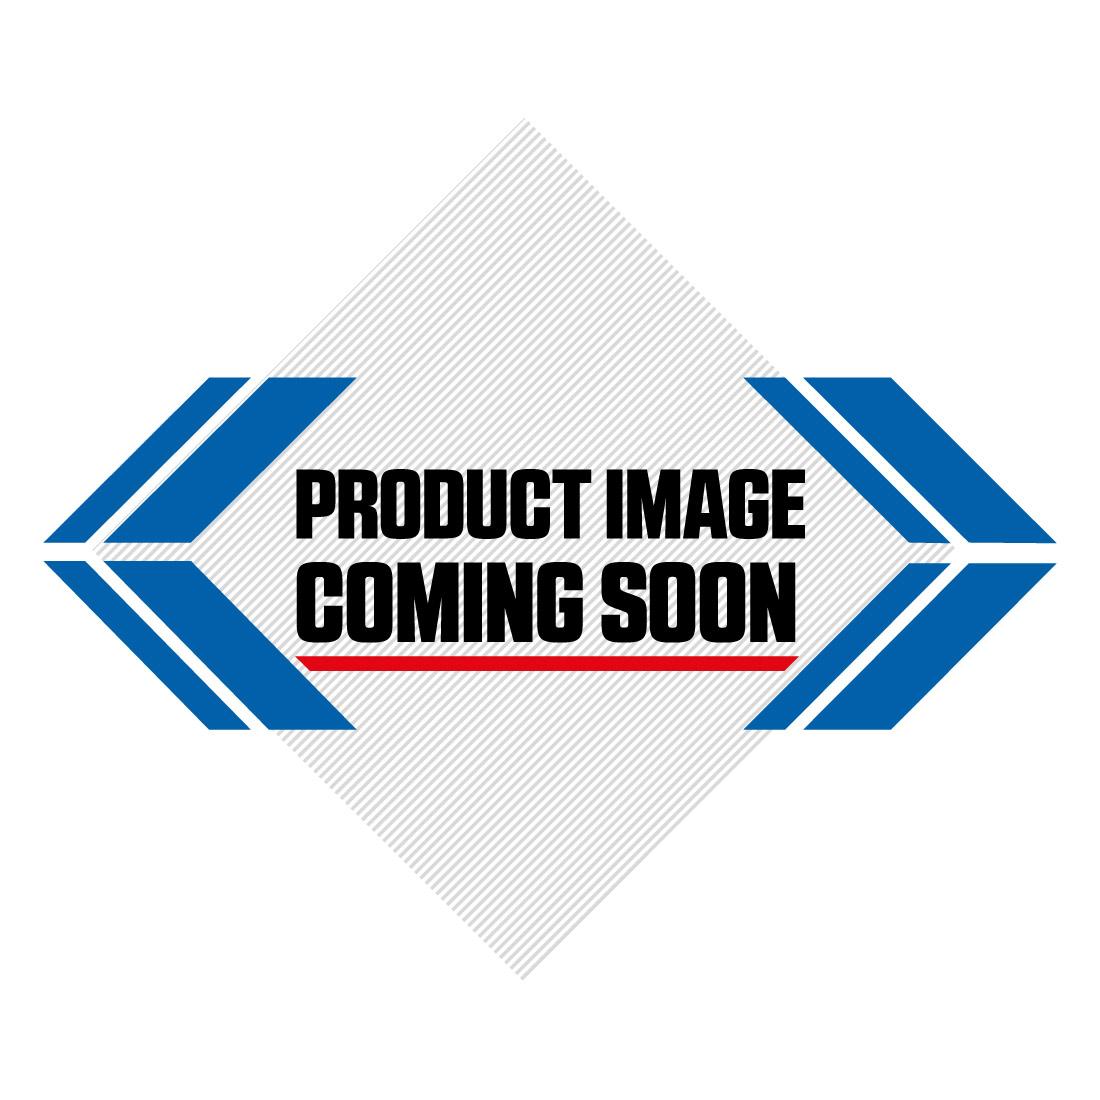 UFO Plastic Kit Husqvarna OEM Factory Image-2>